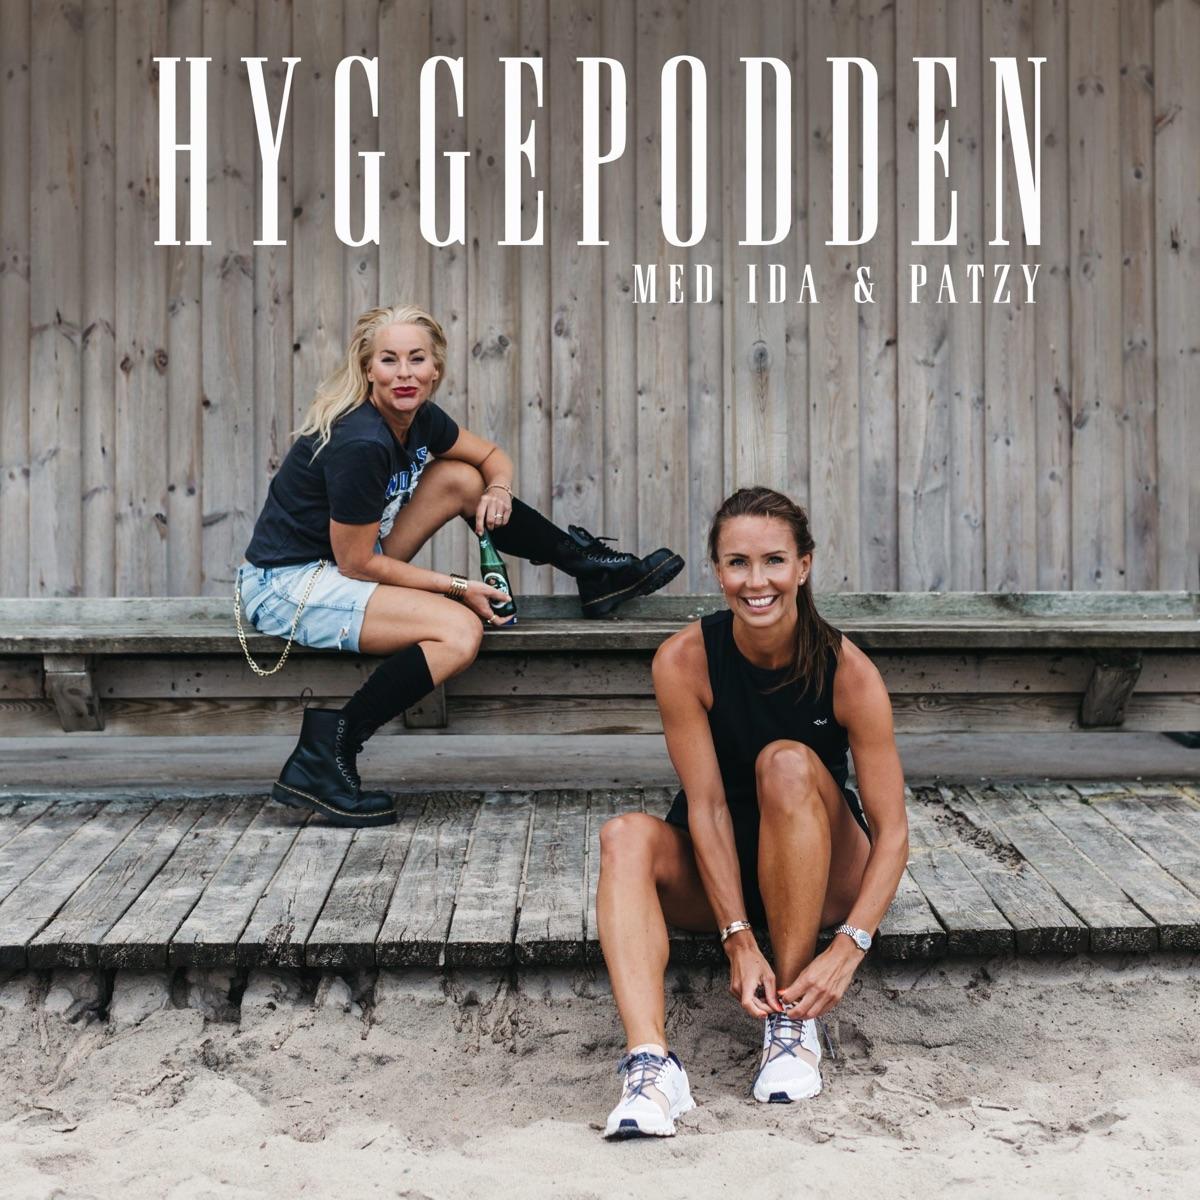 Hyggepodden